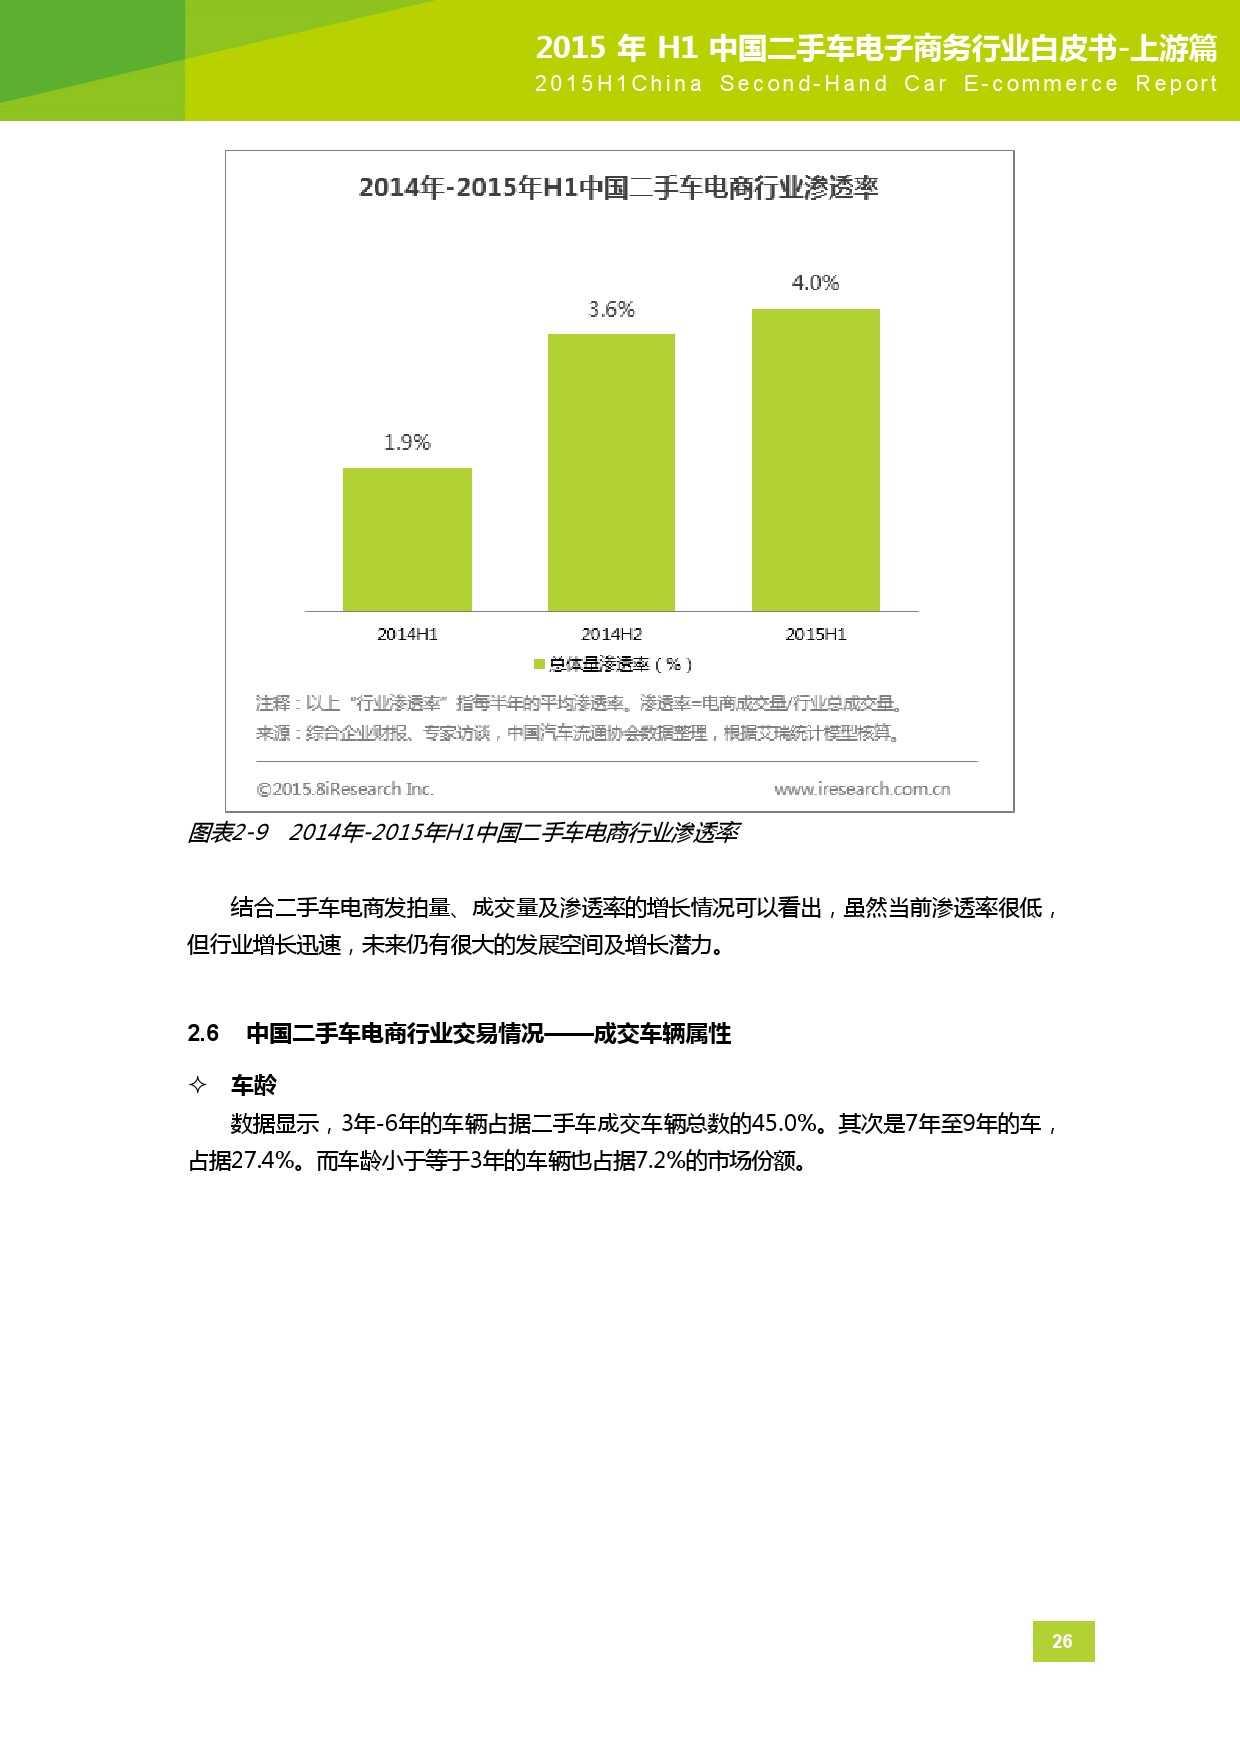 2015年中国二手车电子商务行业白皮书-上游篇_000027